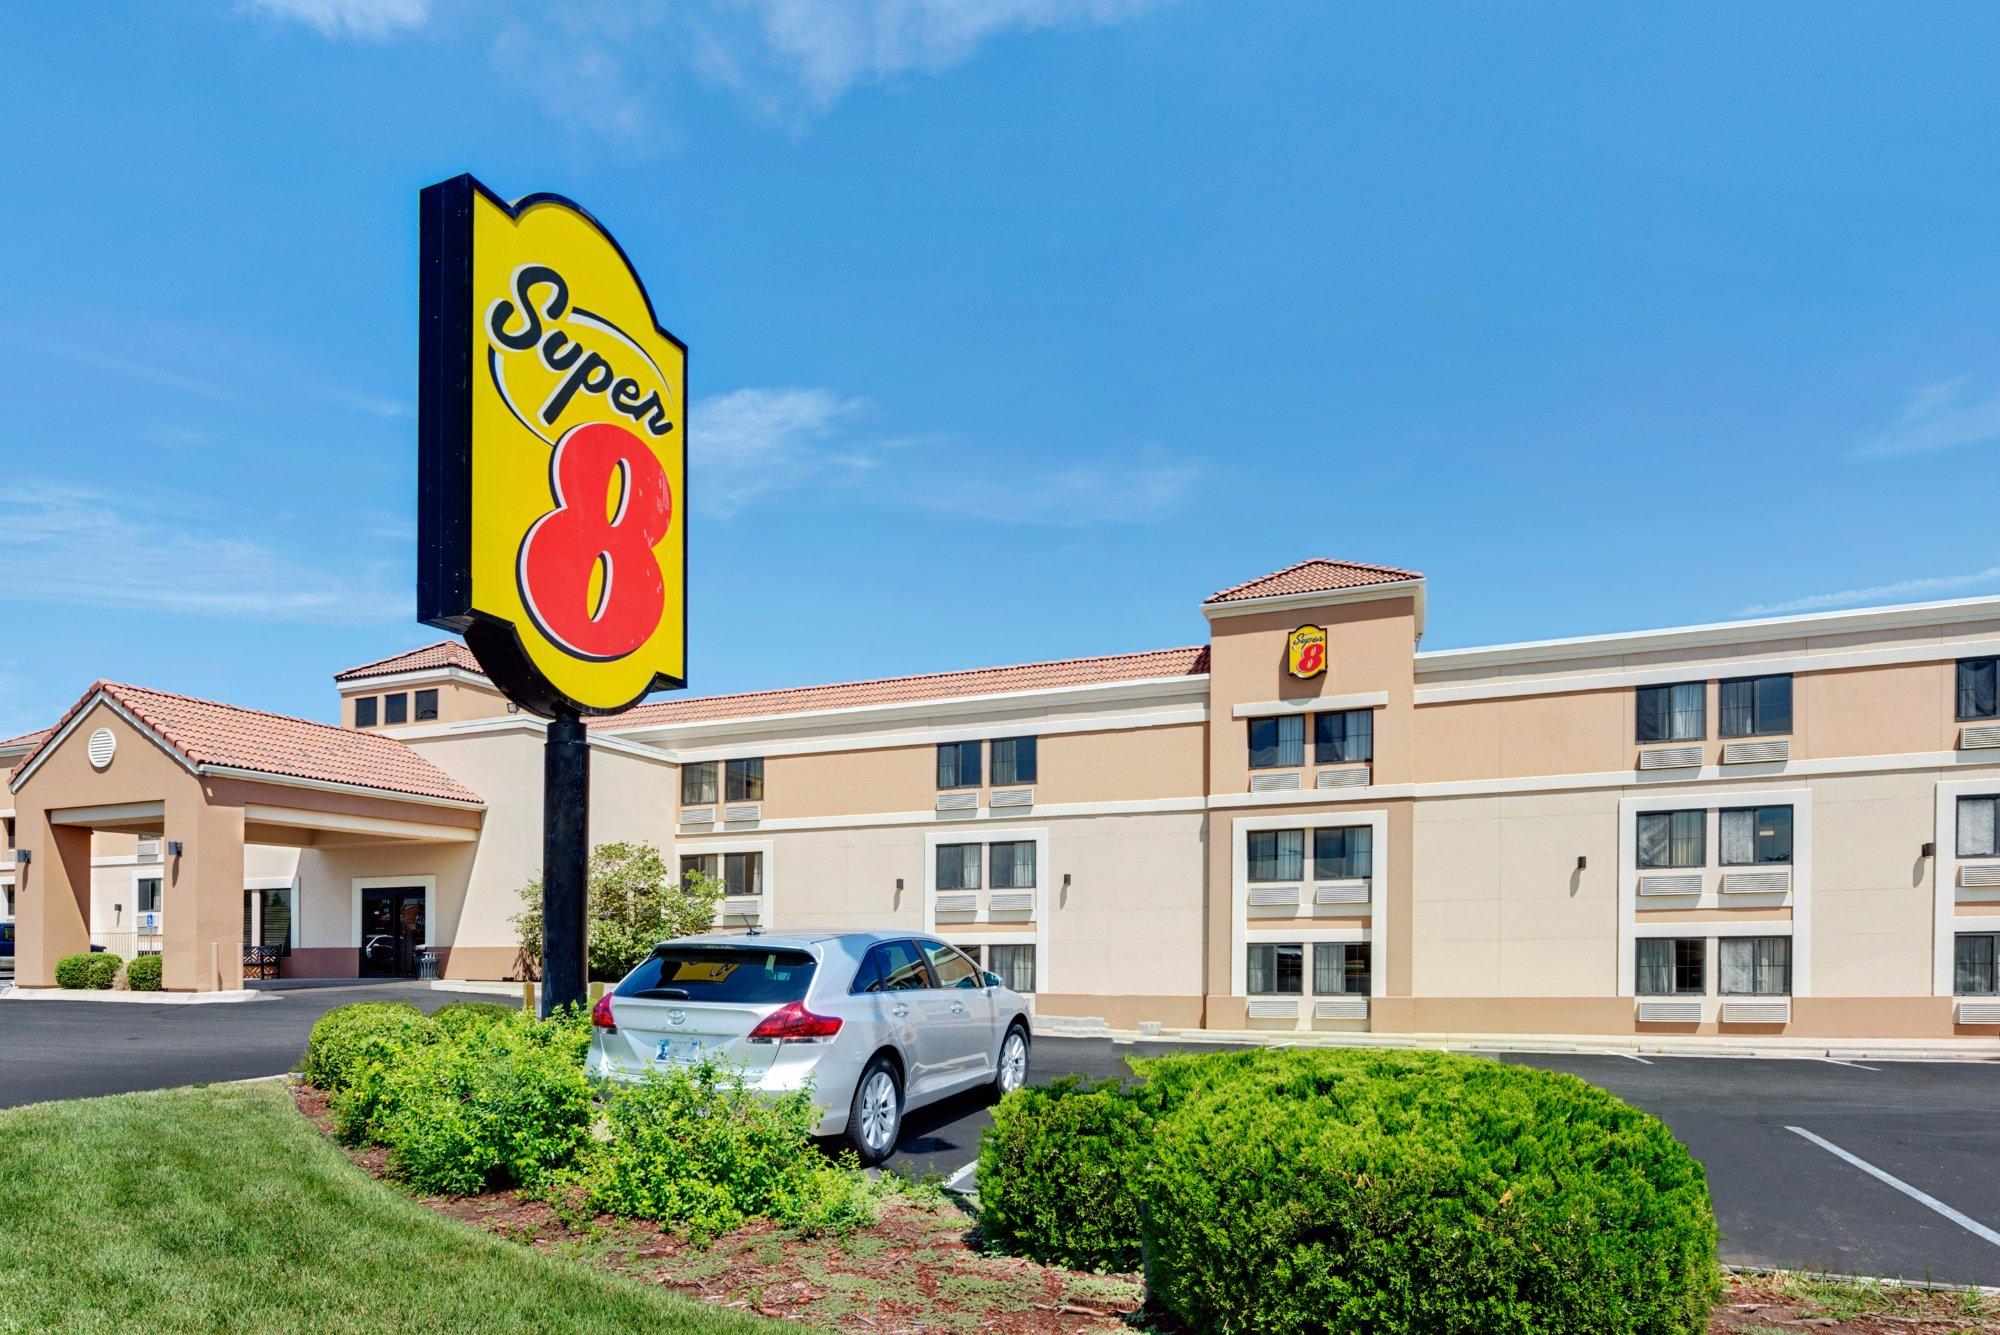 Super 8 Wichita East